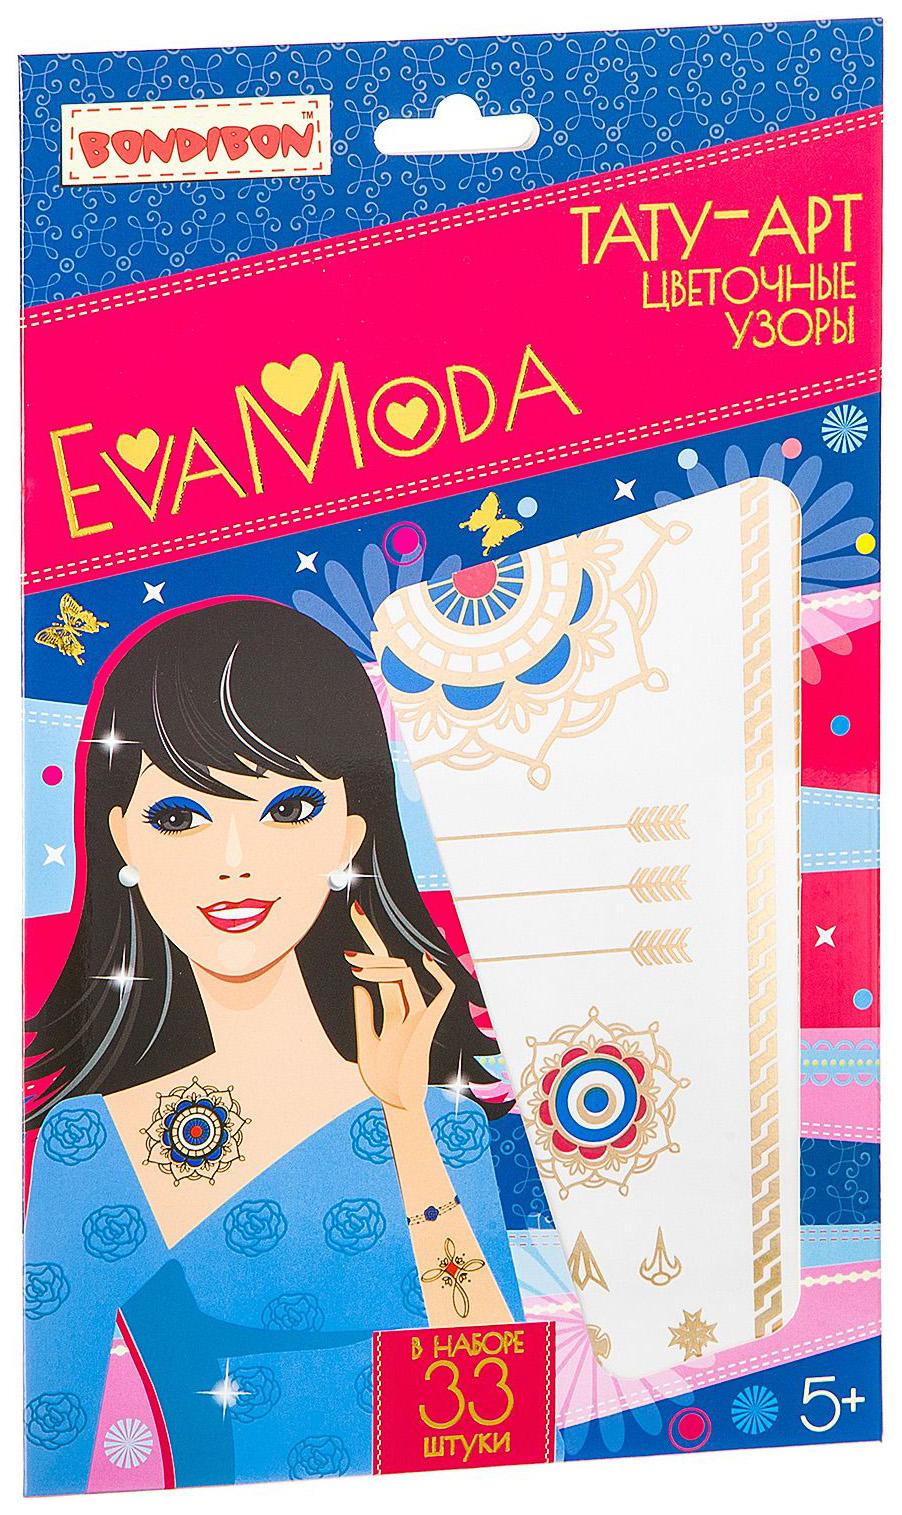 Переводные тату Bondibon EVA MODA Цветочные узоры 33 шт фото